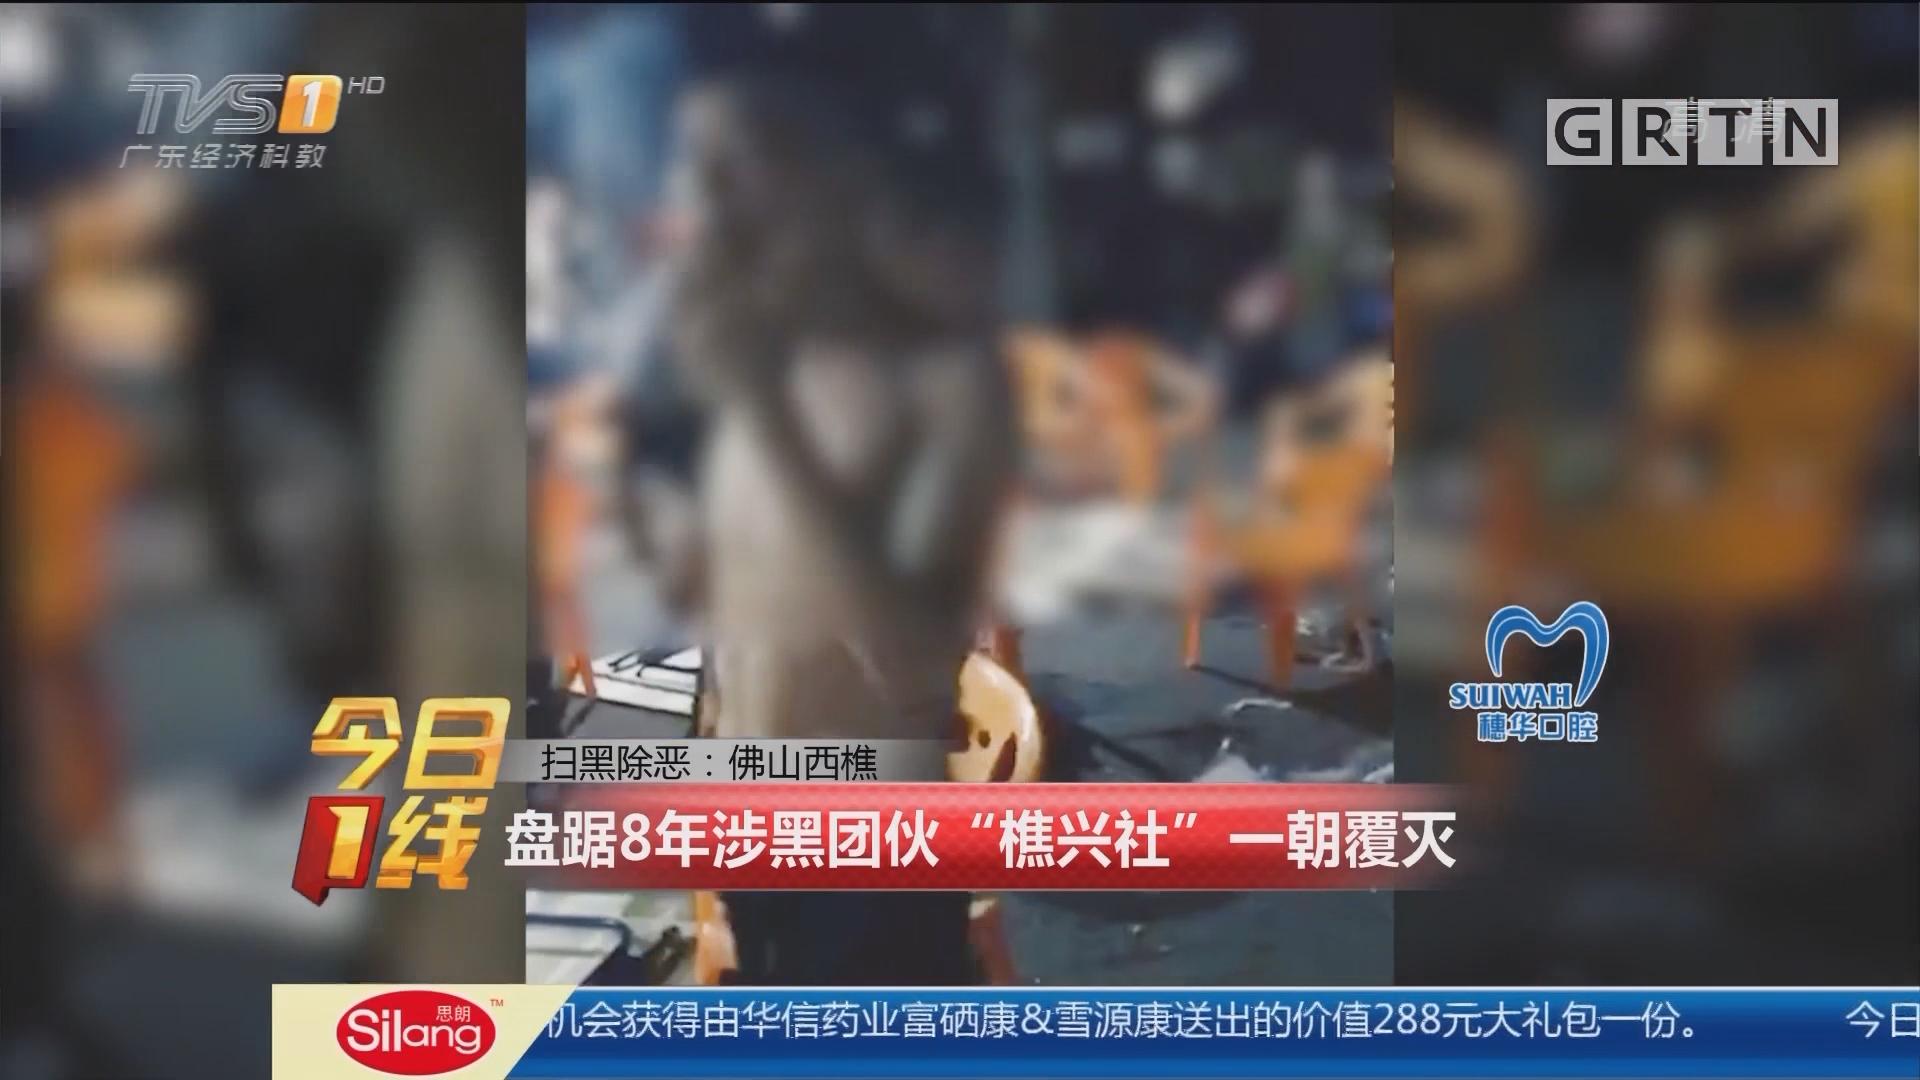 """扫黑除恶:佛山西樵 盘踞8年涉黑团伙""""樵兴社""""一朝覆灭"""